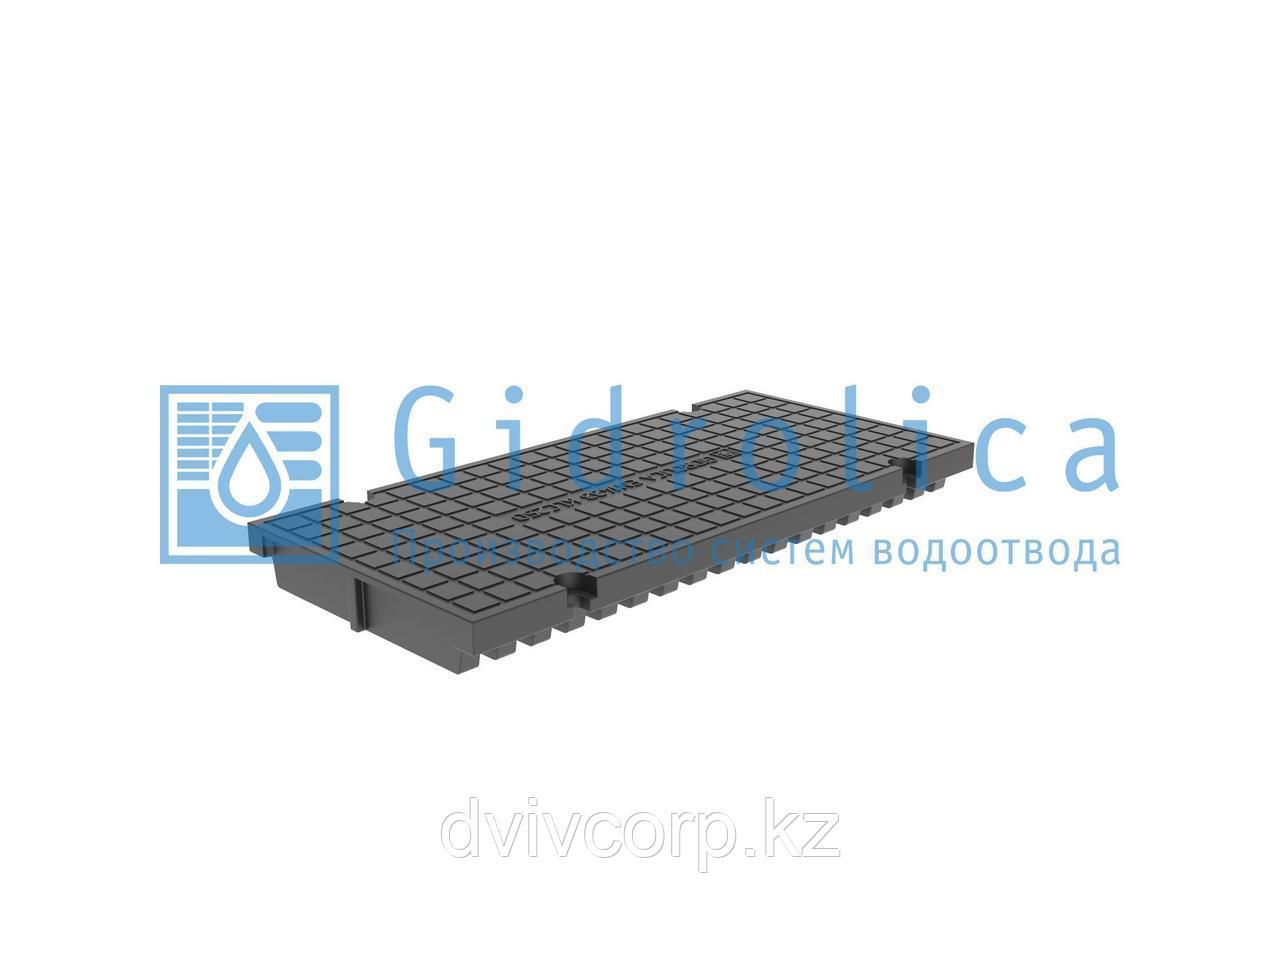 Арт. 526 Глухая крышка для лотка водоотводного Gidrolica Pro КЛ-20.23,8.50 - пластиковая, кл. С250